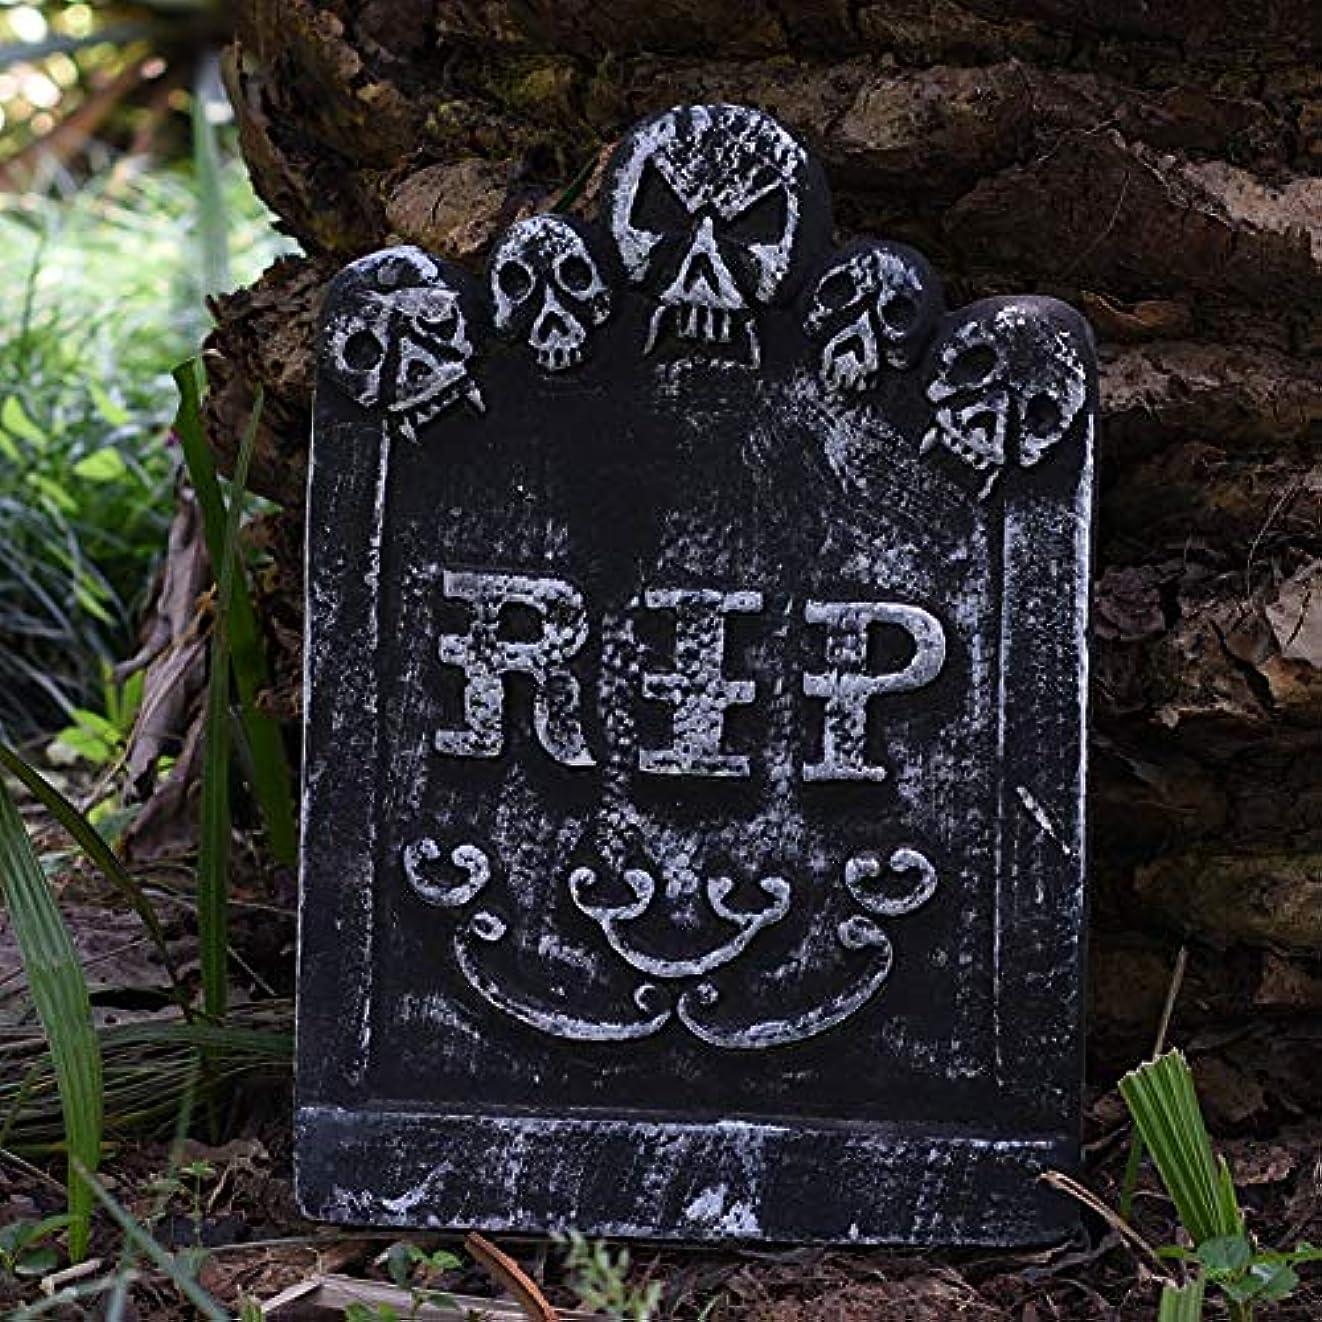 エクステント超音速公使館ETRRUU HOME ハロウィン墓の小道具ステレオ墓石お化け屋敷バールームエスケープタトゥーショップの装飾